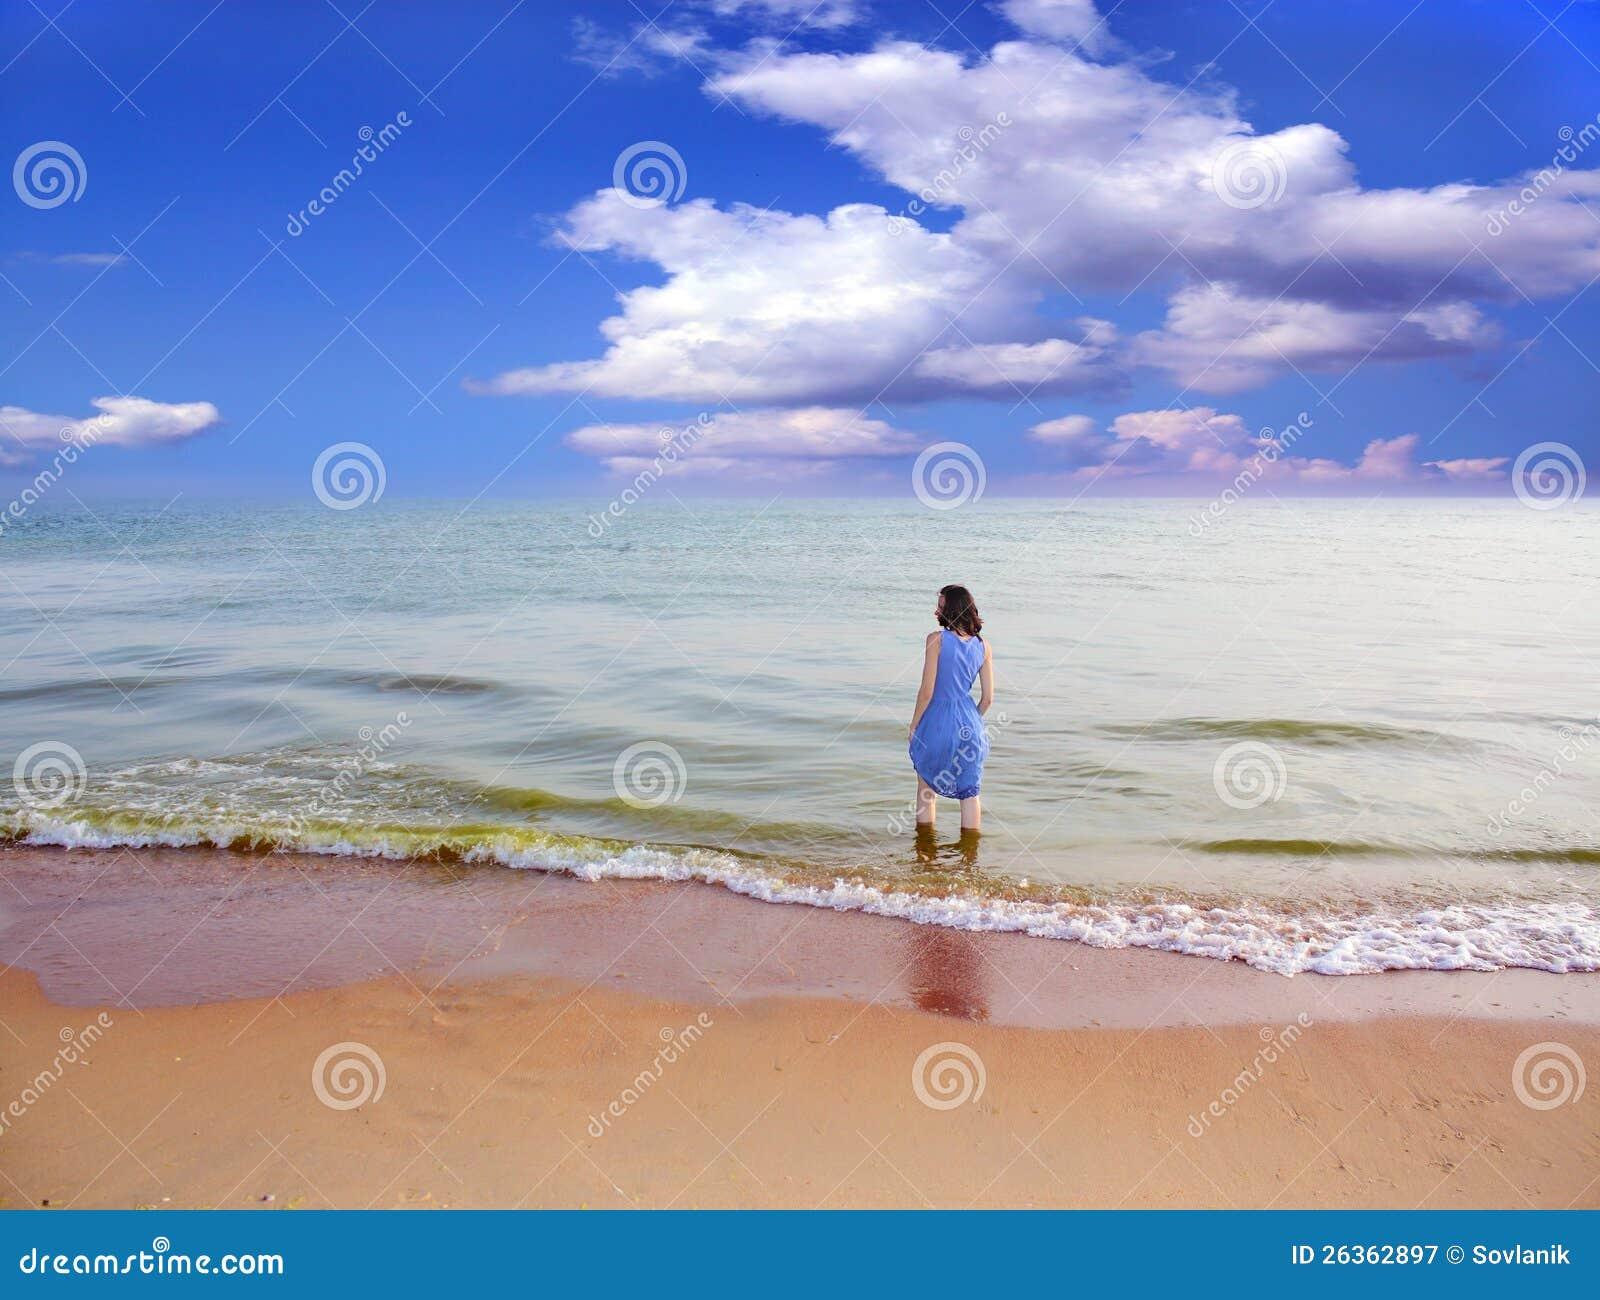 Frau auf dem Strand.